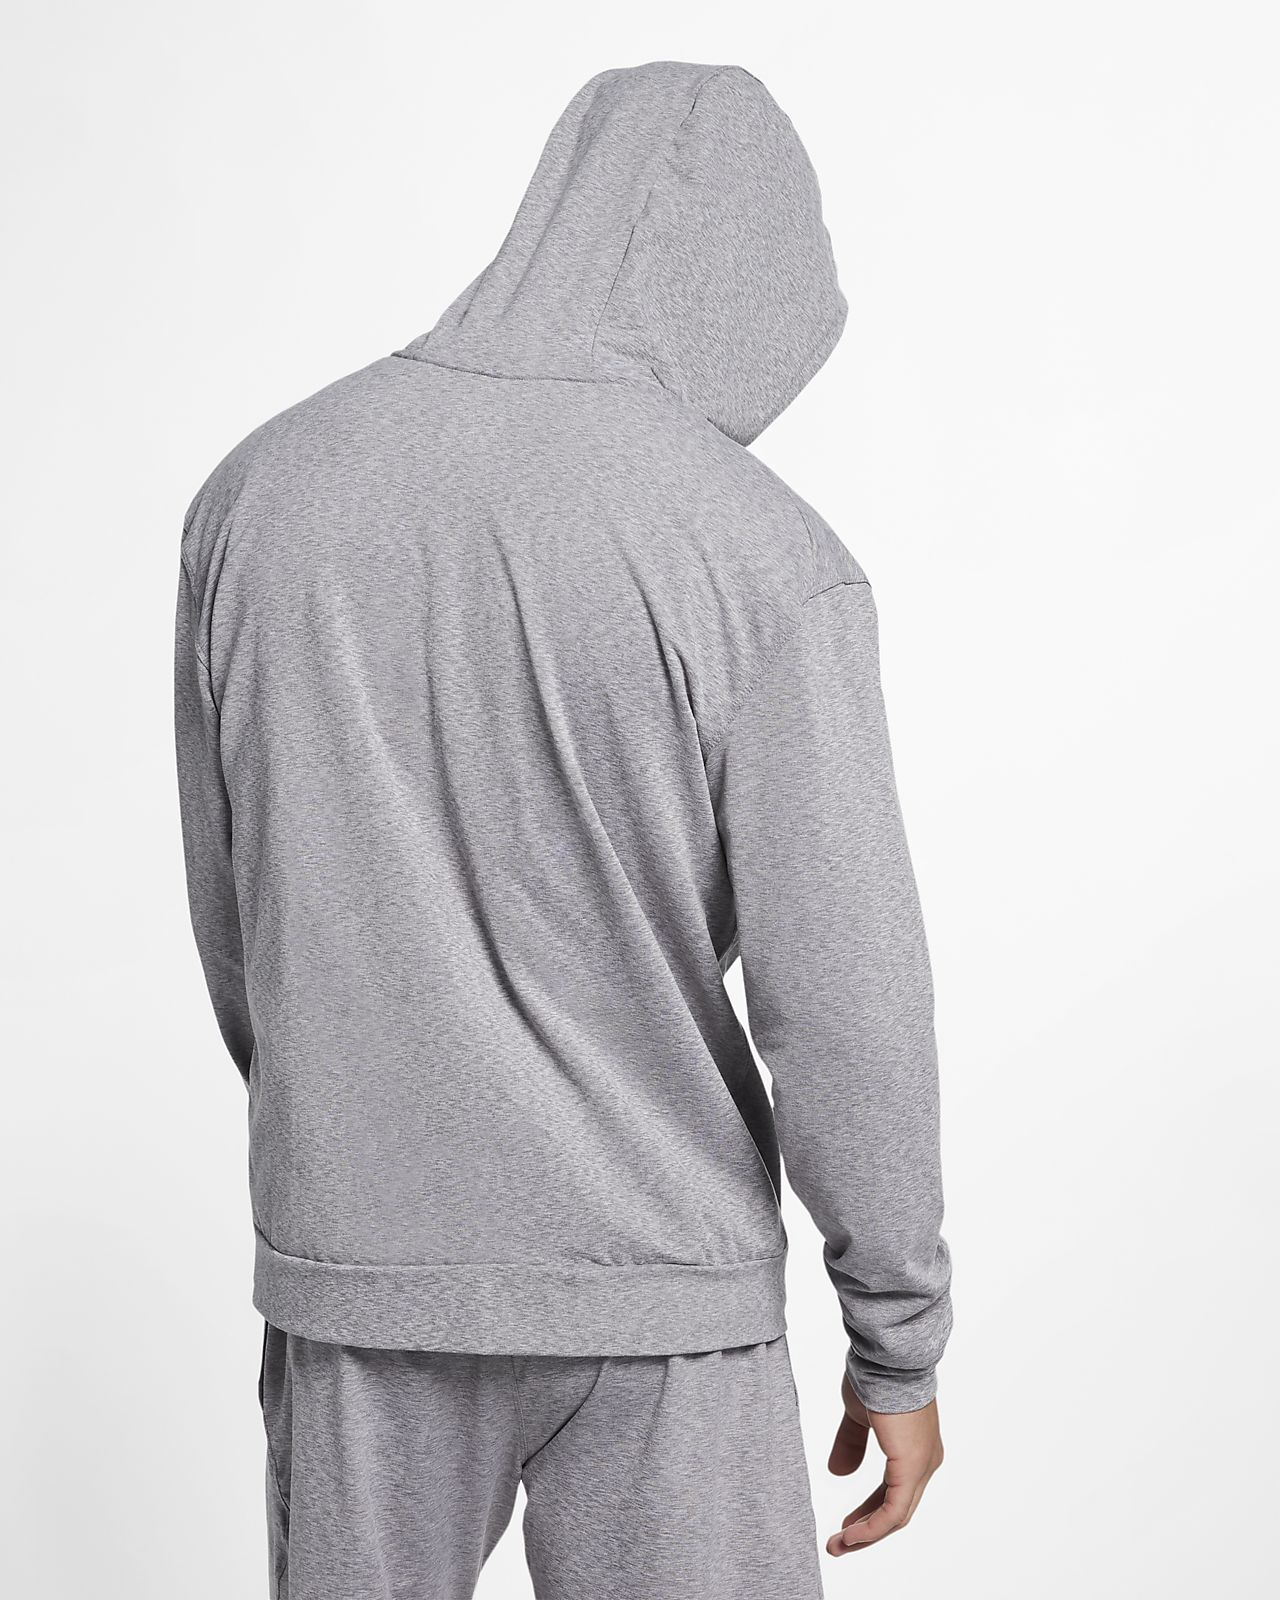 36bc2b8a846 ... Sudadera de entrenamiento de yoga con capucha y cierre completo para  hombre Nike Dri-FIT